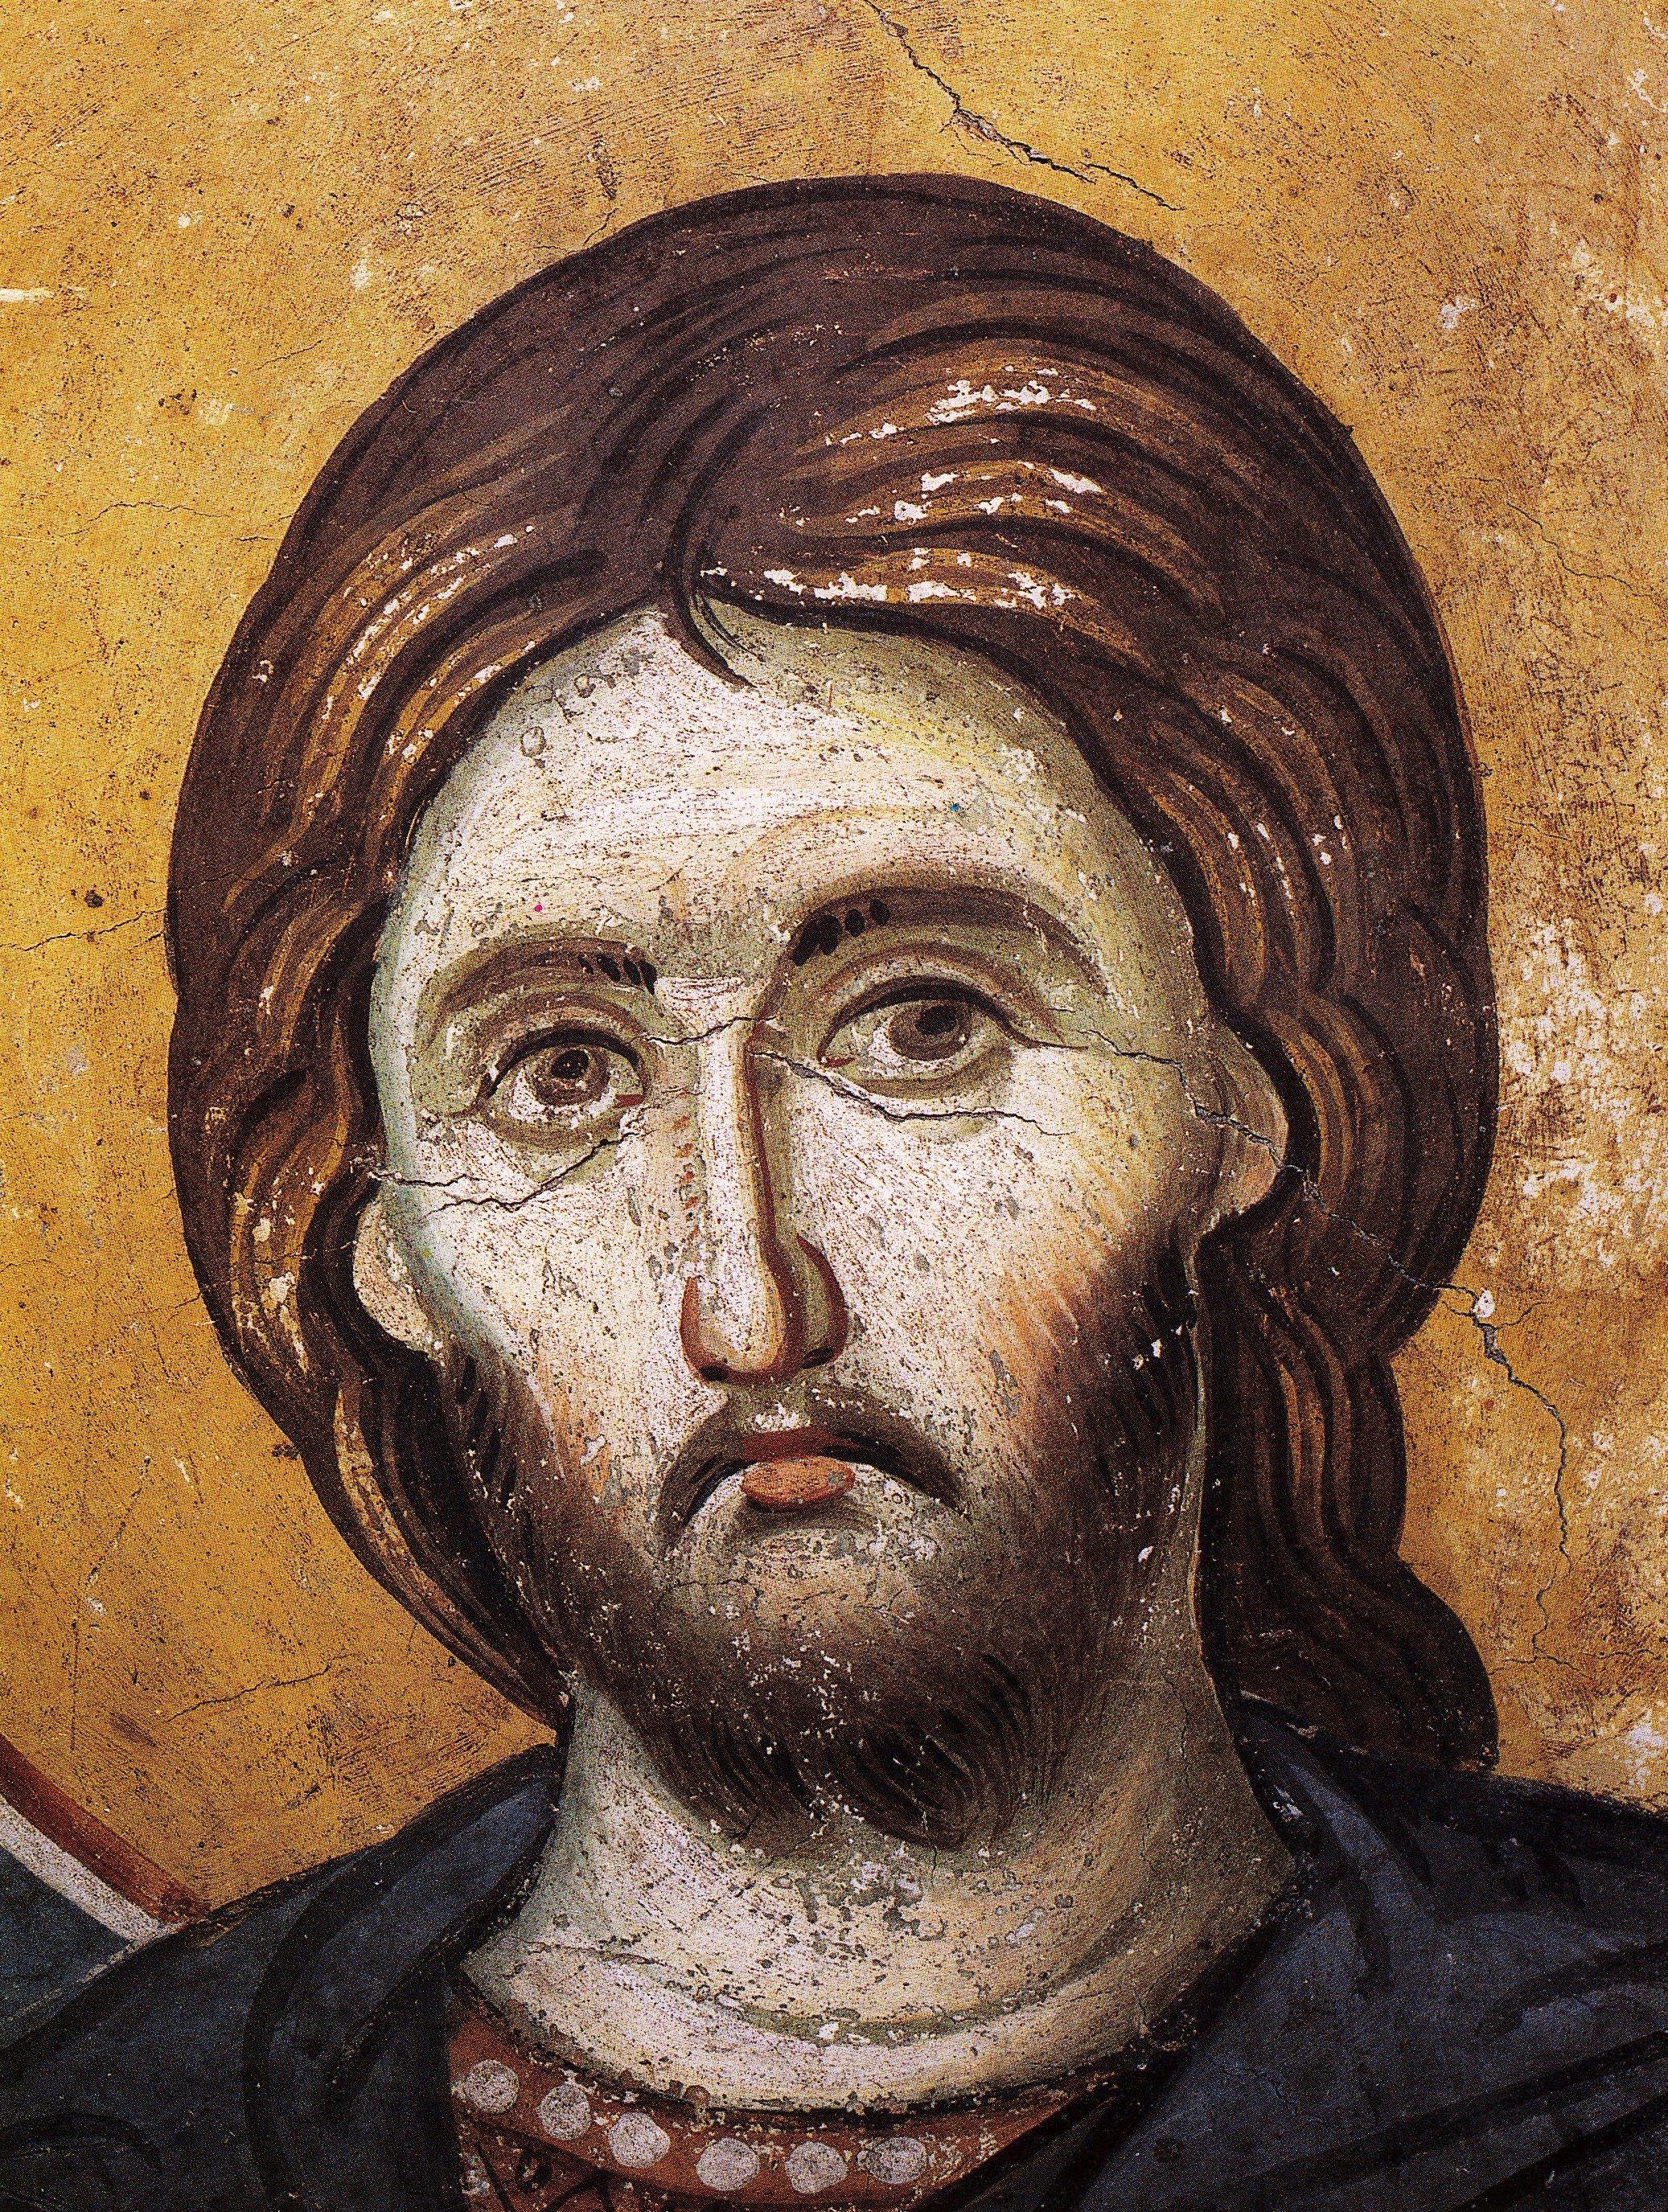 Святой Великомученик Никита. Фреска конца XIII века в монастыре Протат на Афоне. Иконописец Мануил Панселин.